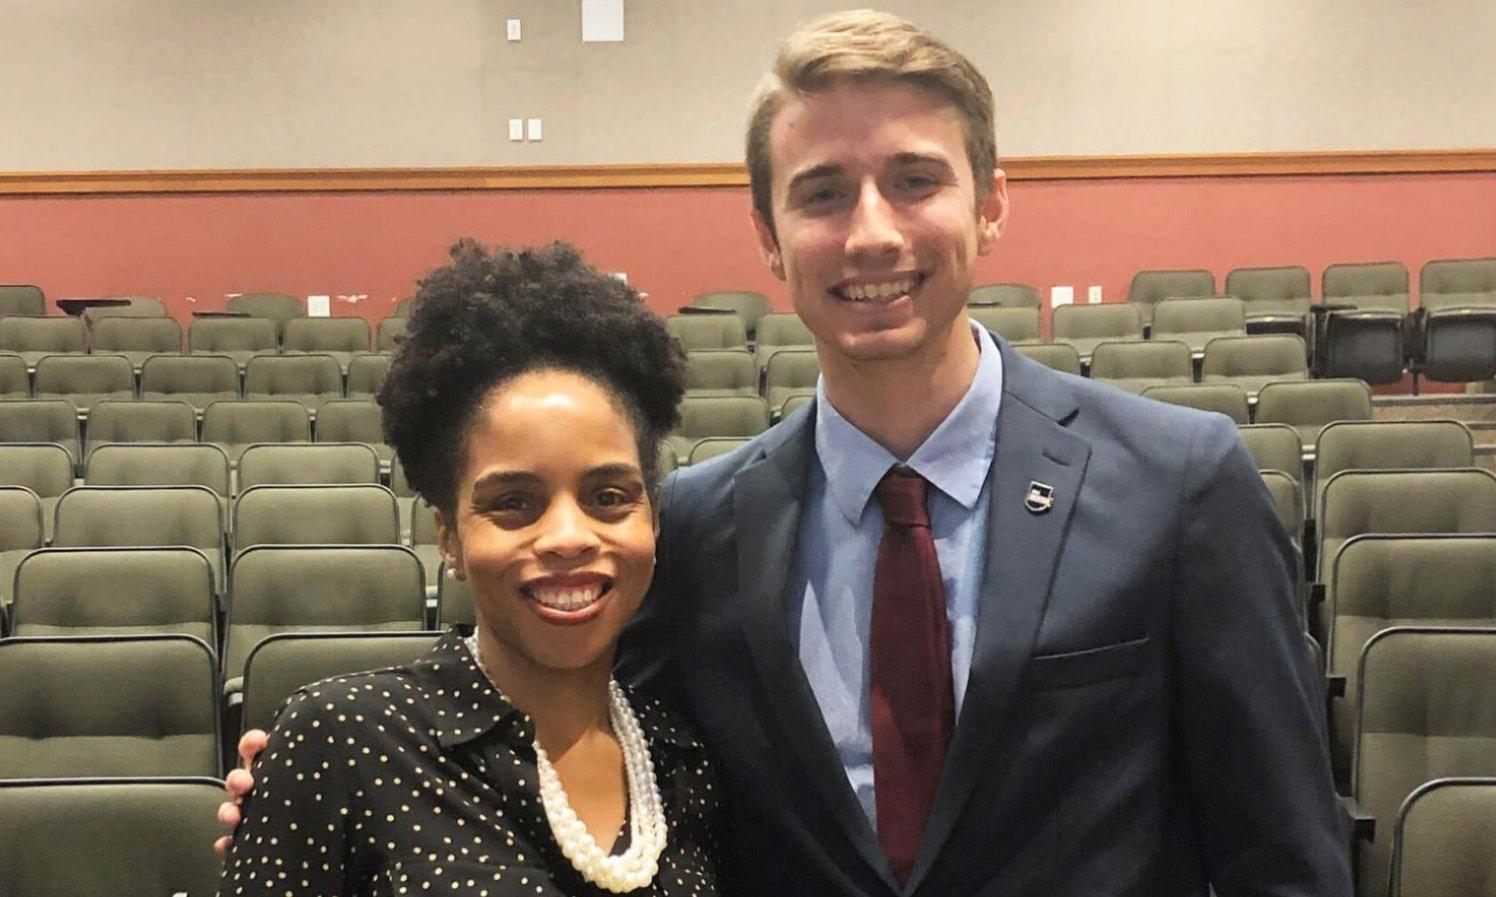 Mentor Cara Simmons (left) with mentee Kanler Cumbass.